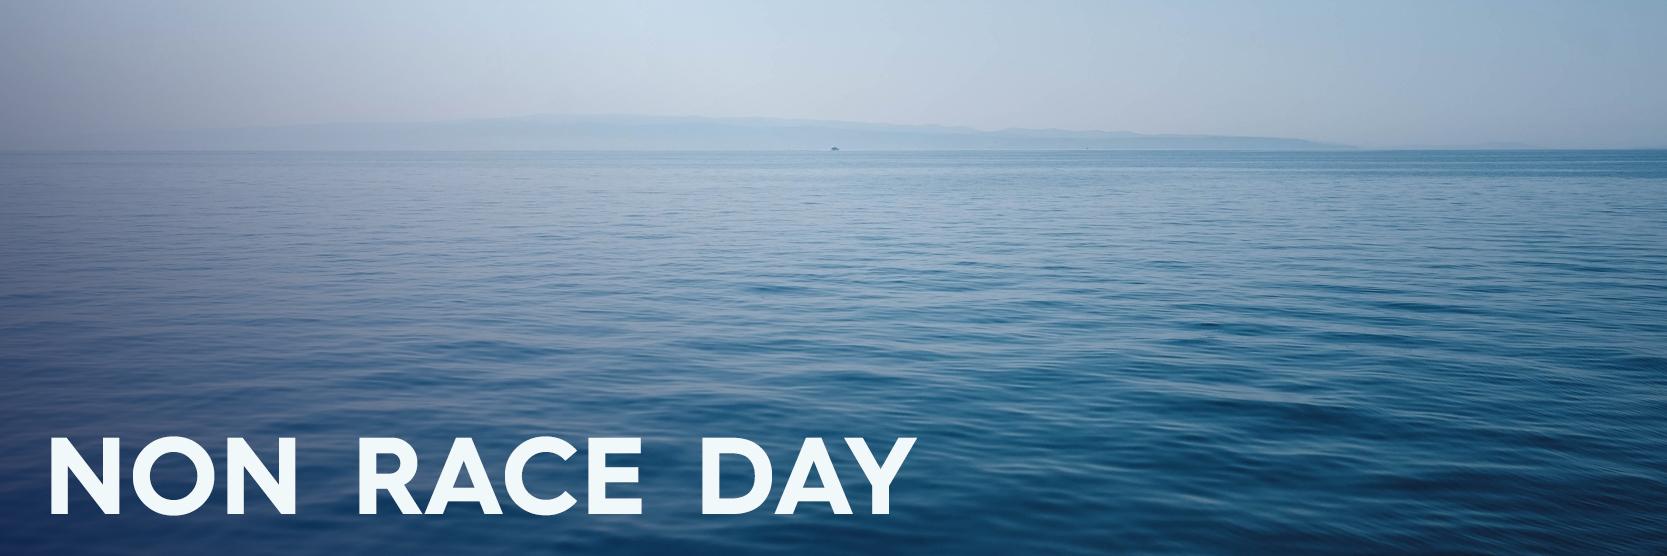 Prada Cup Non Race Day